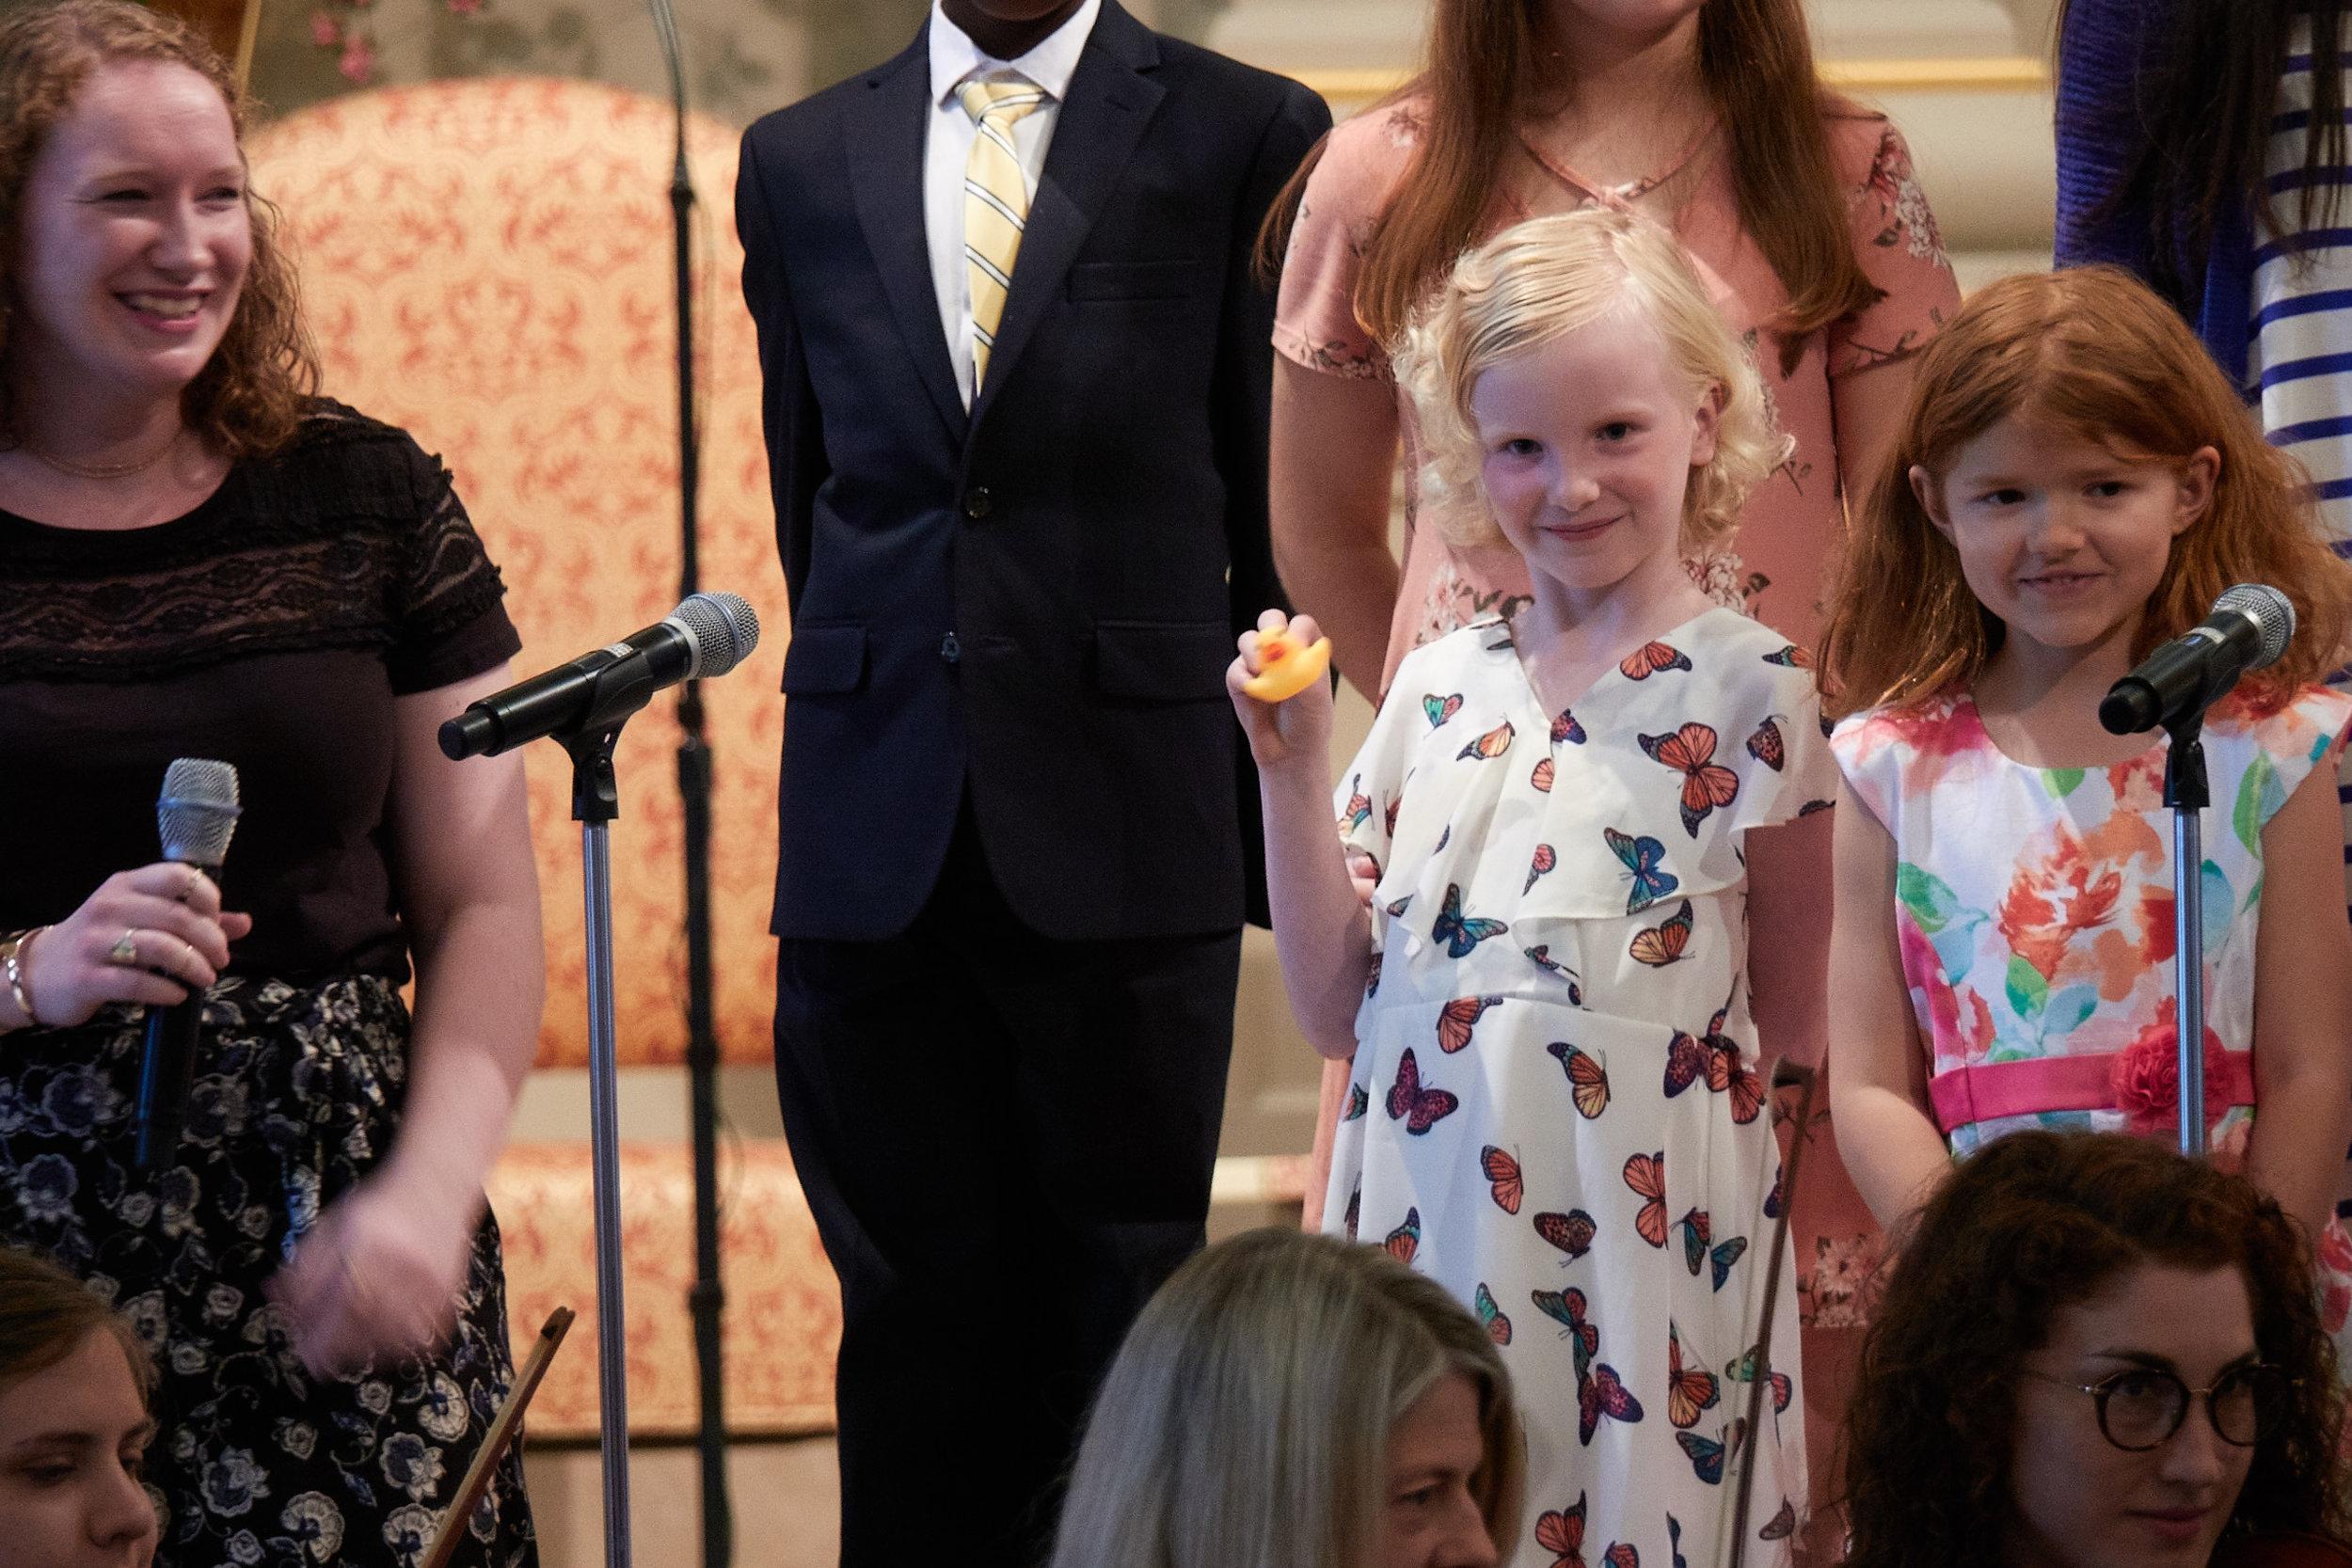 Soprano Suzie Wiedefeld sings with the children.